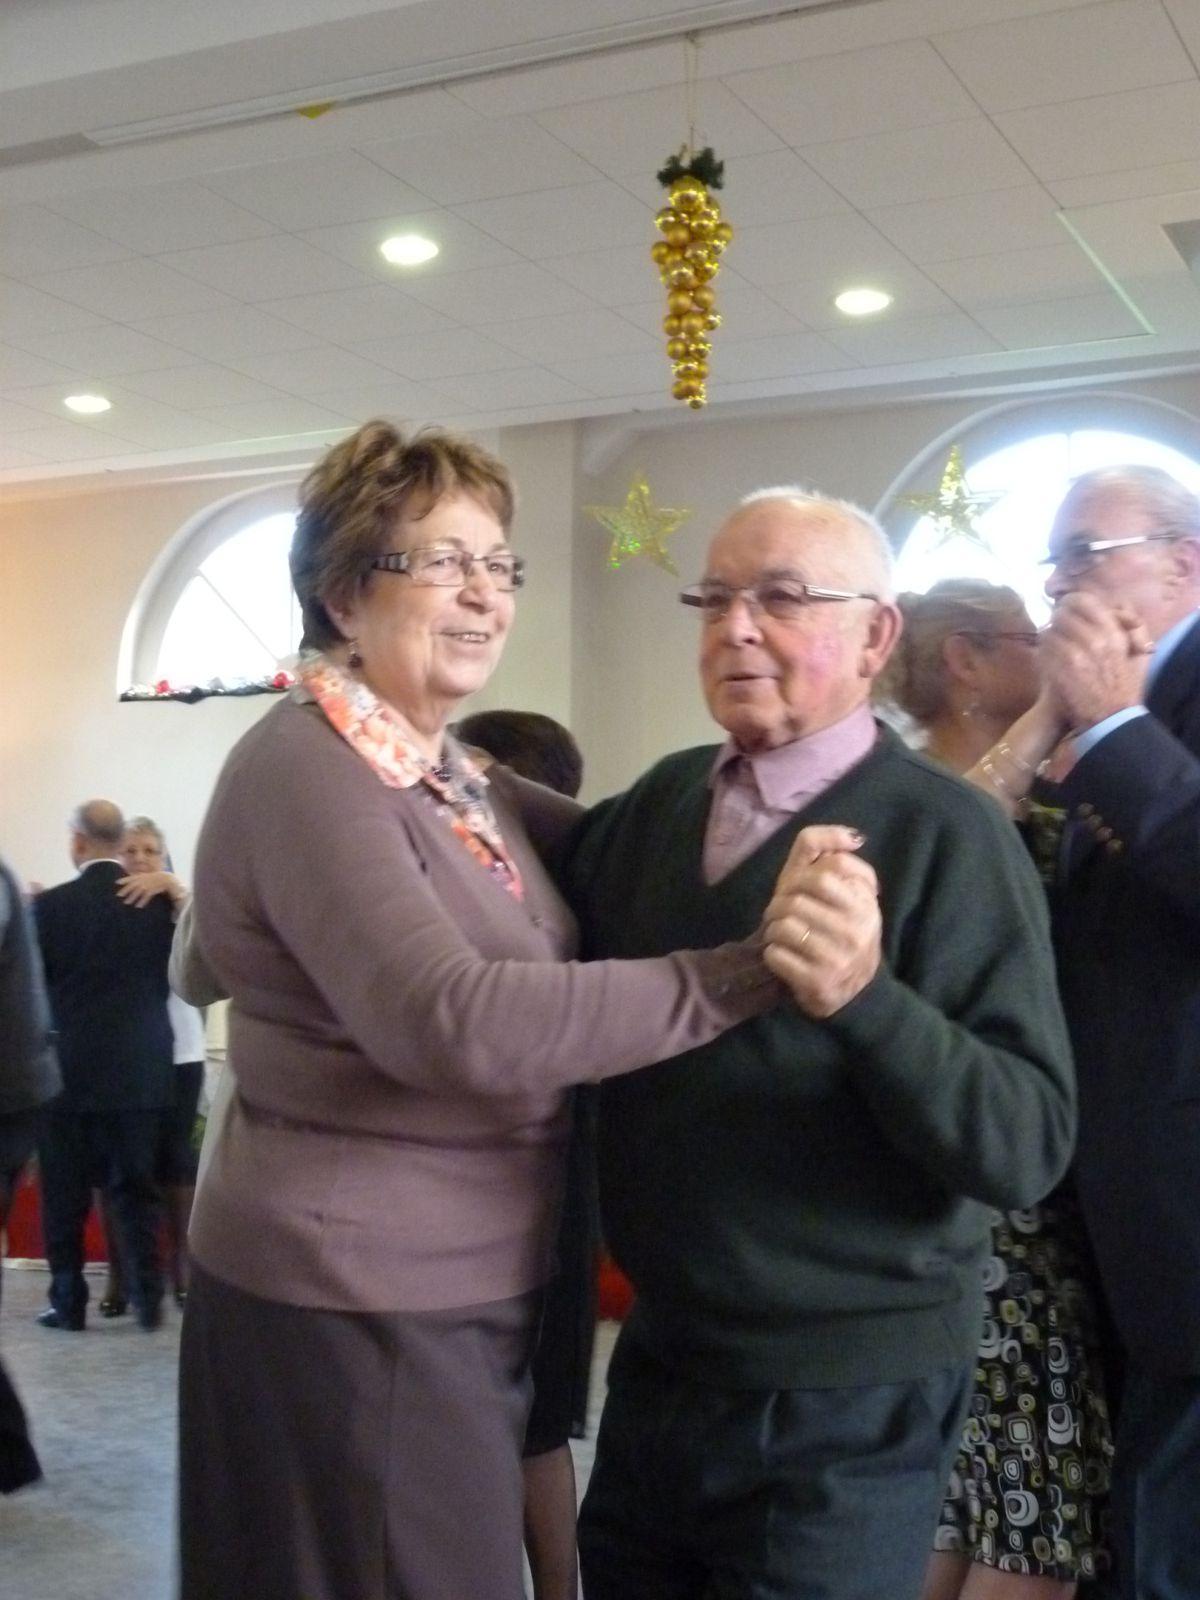 Album - Chantereine, l'Amicale des retraités de Chantereine, repas de fin d'année, 8 decembre 2013, (troisiéme partie)